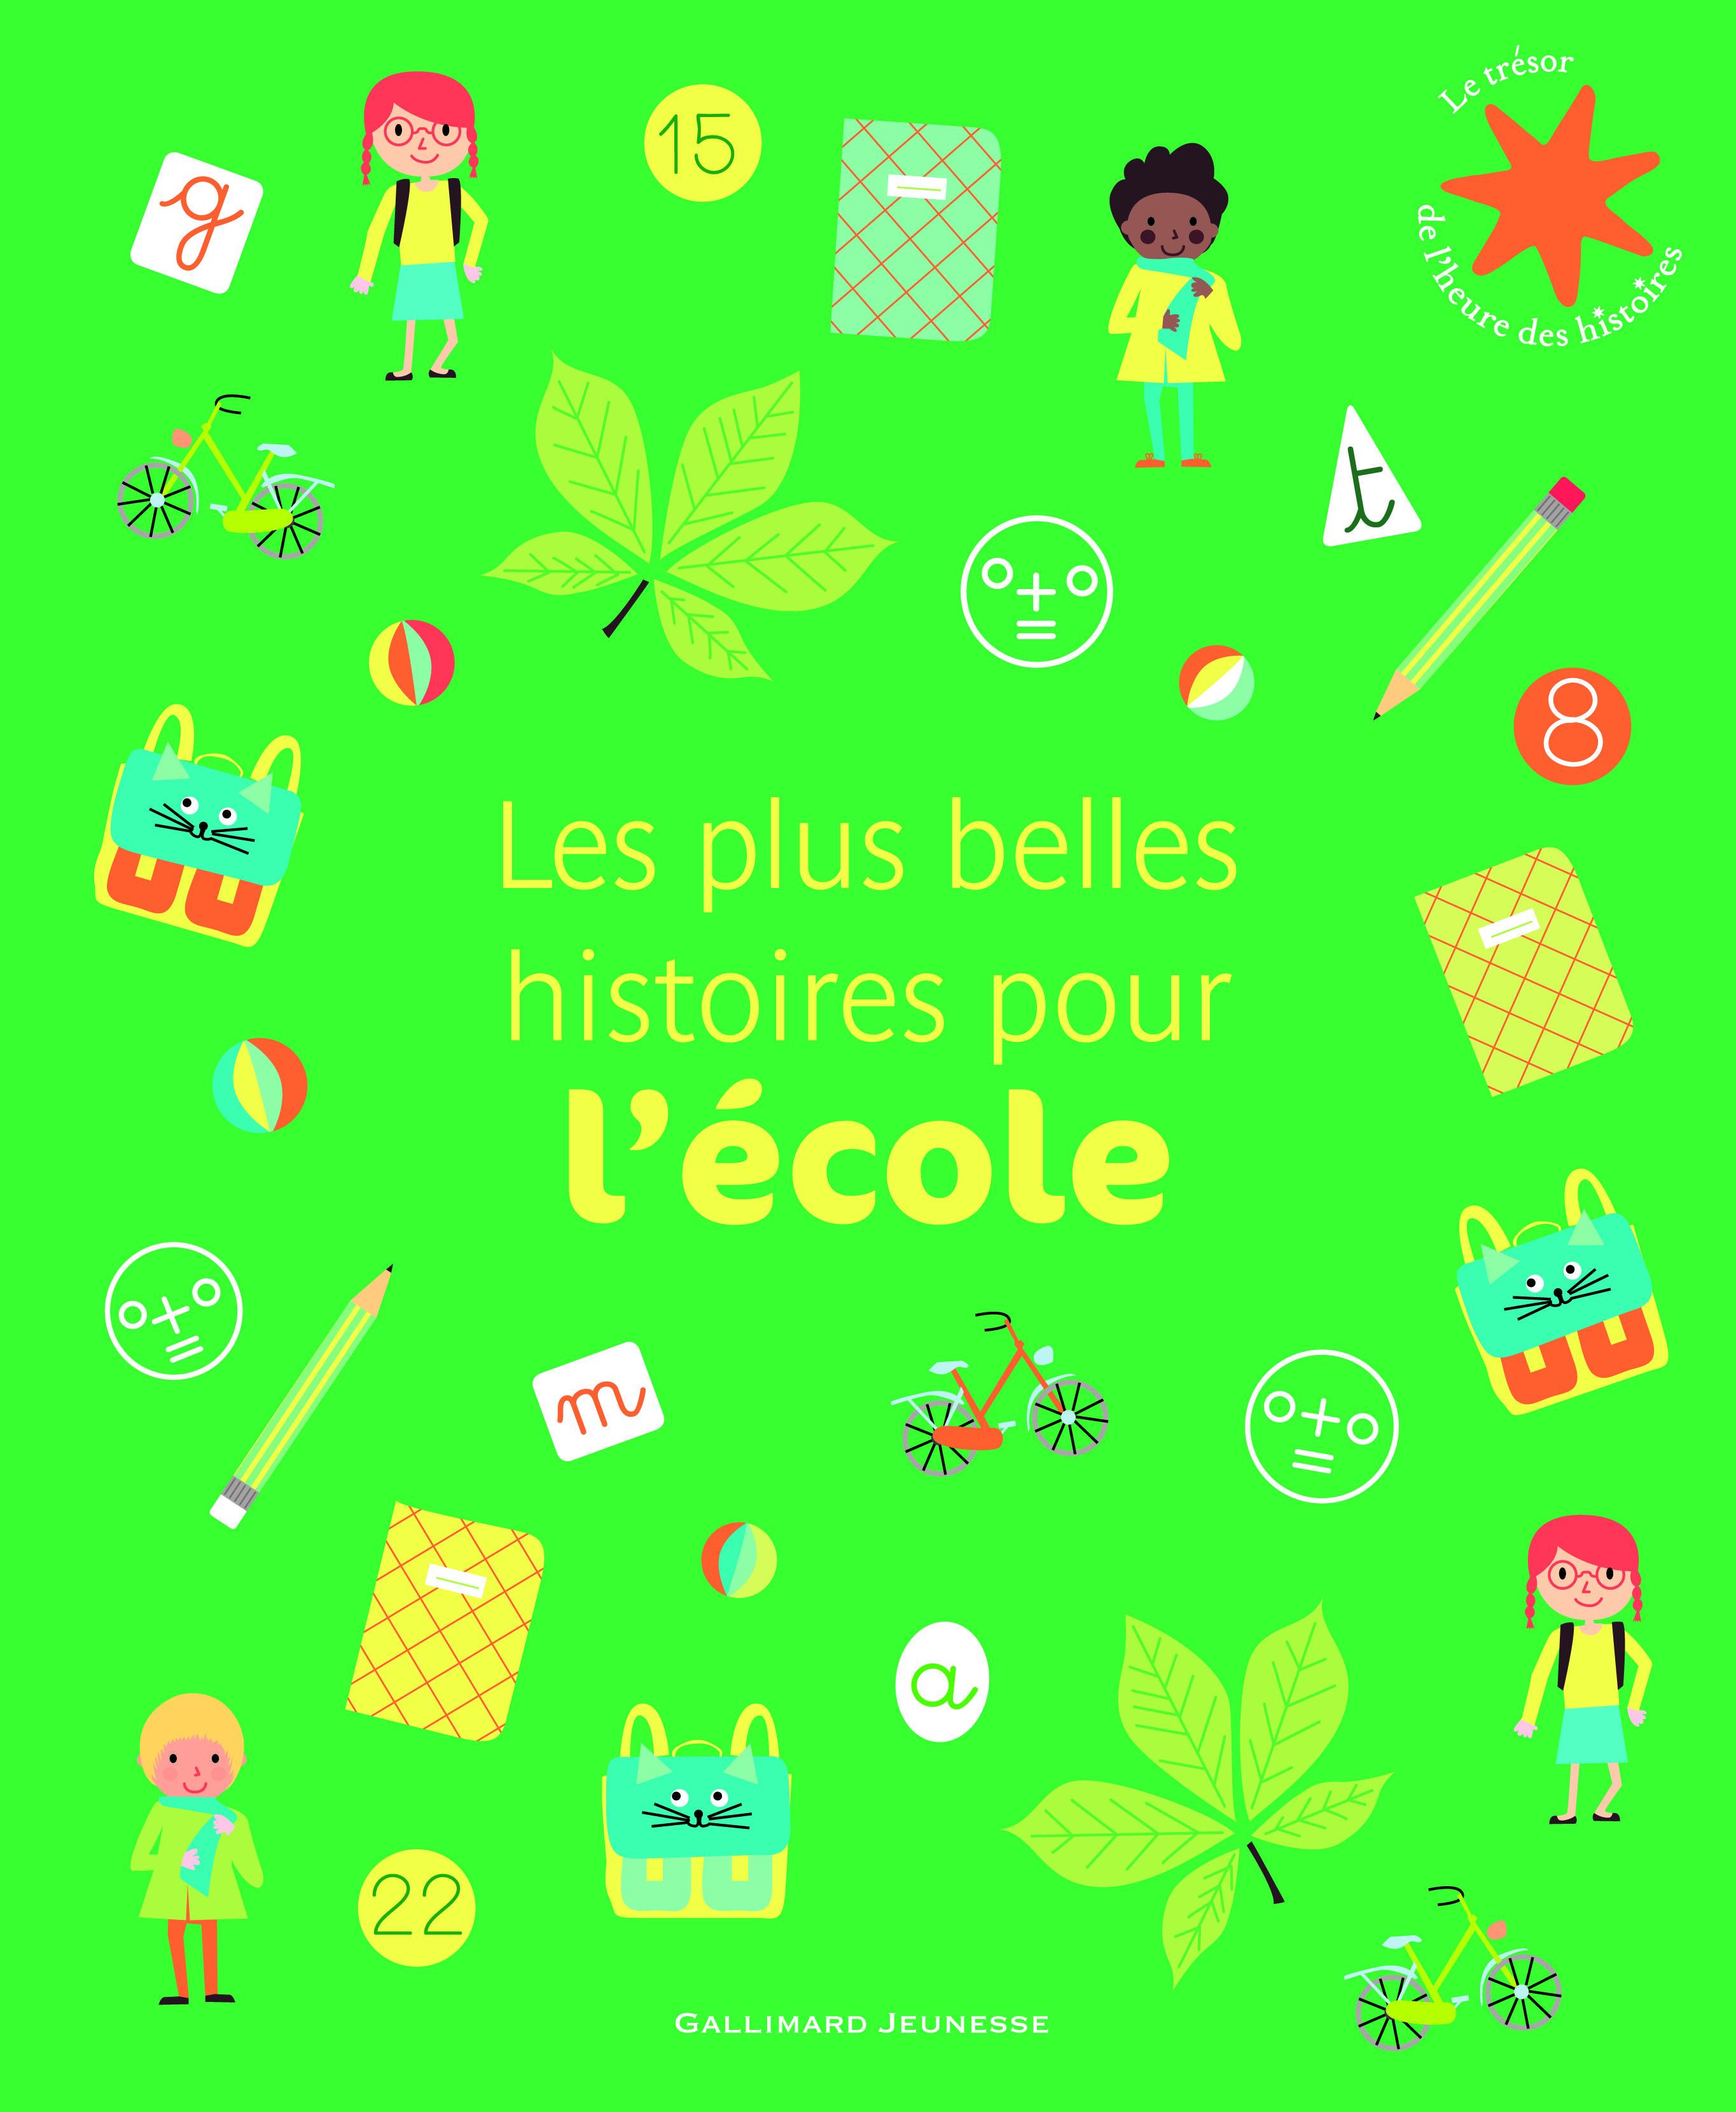 LES PLUS BELLES HISTOIRES POUR L'ECOLE